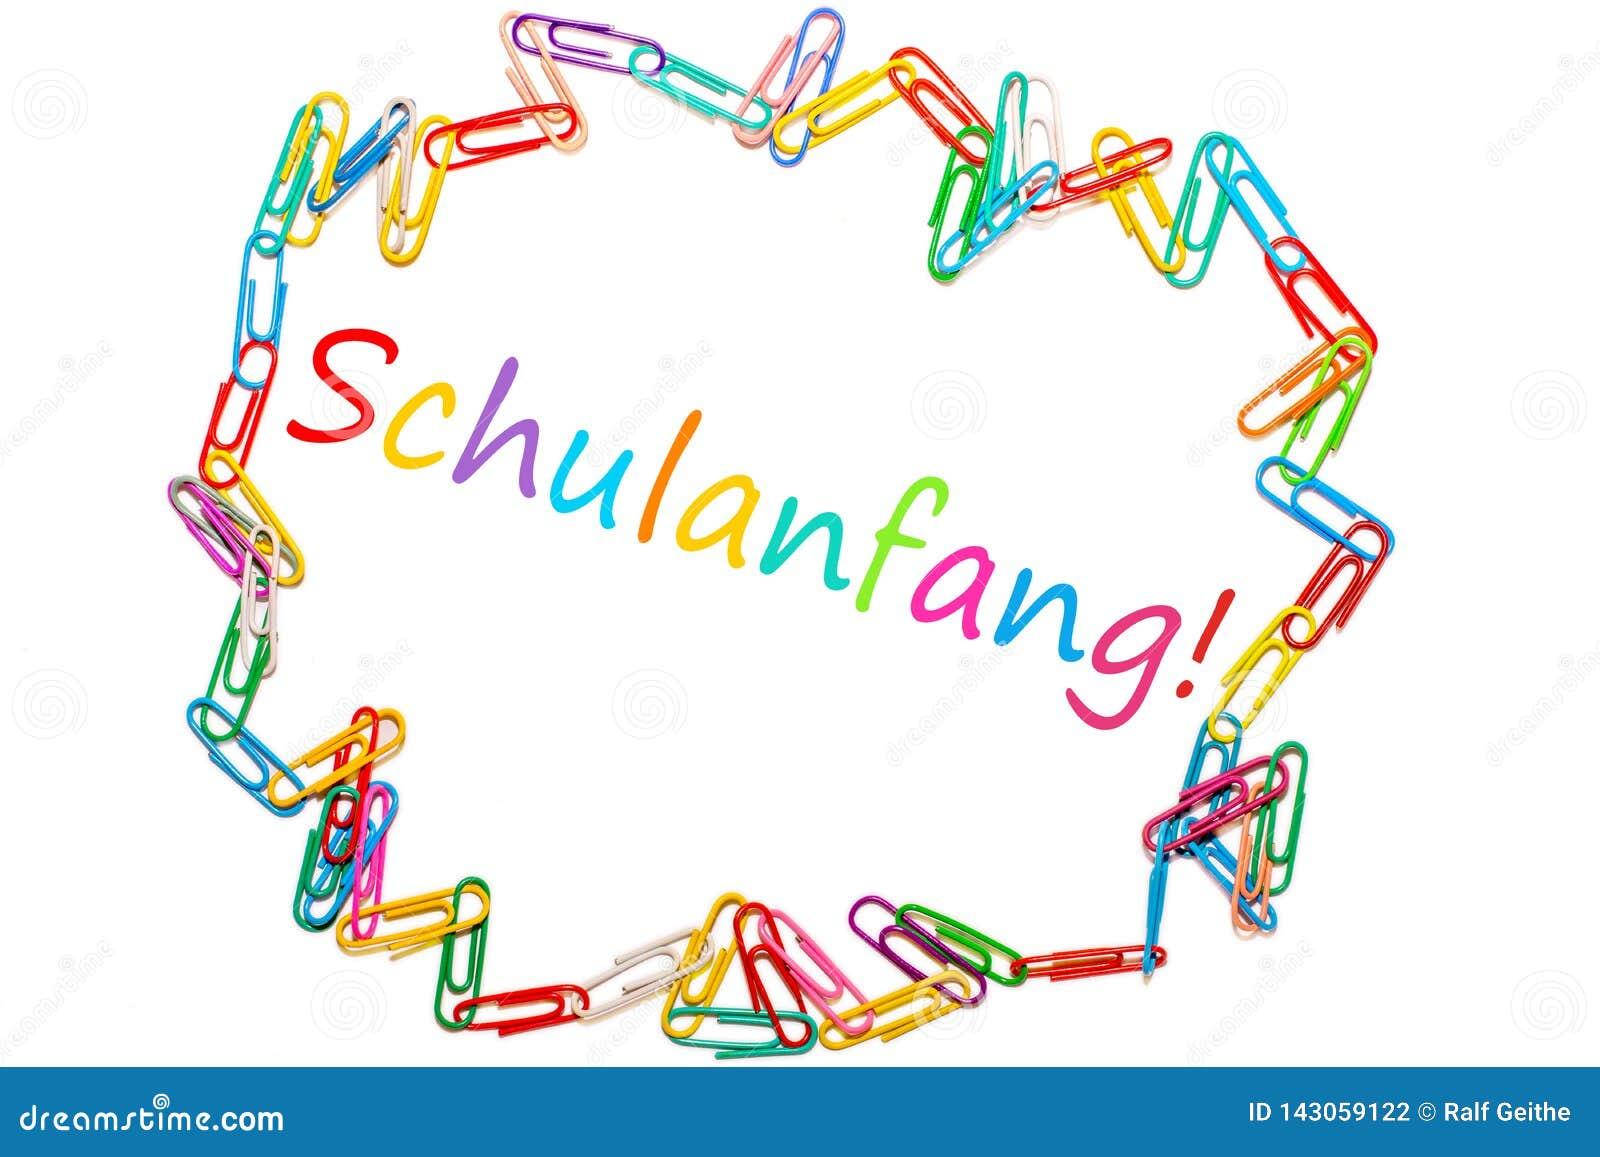 Niemiecki słowo dla Z powrotem «obramiał kolorowymi papierowymi klamerkami «szkoła